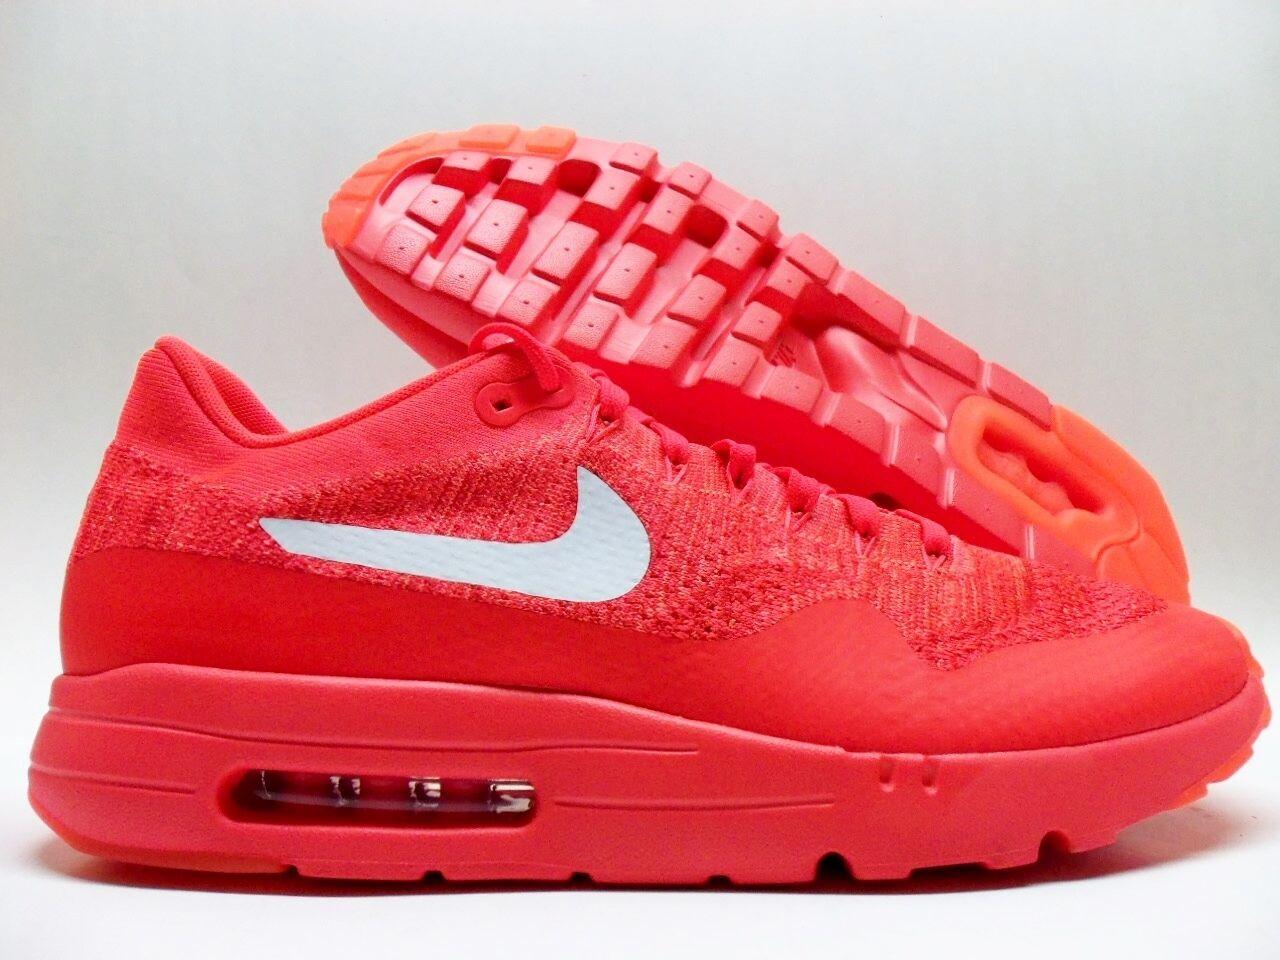 Nike air max 1 ultra flyknit raggiante / white-red dimensioni uomini '13 - 843384-601]